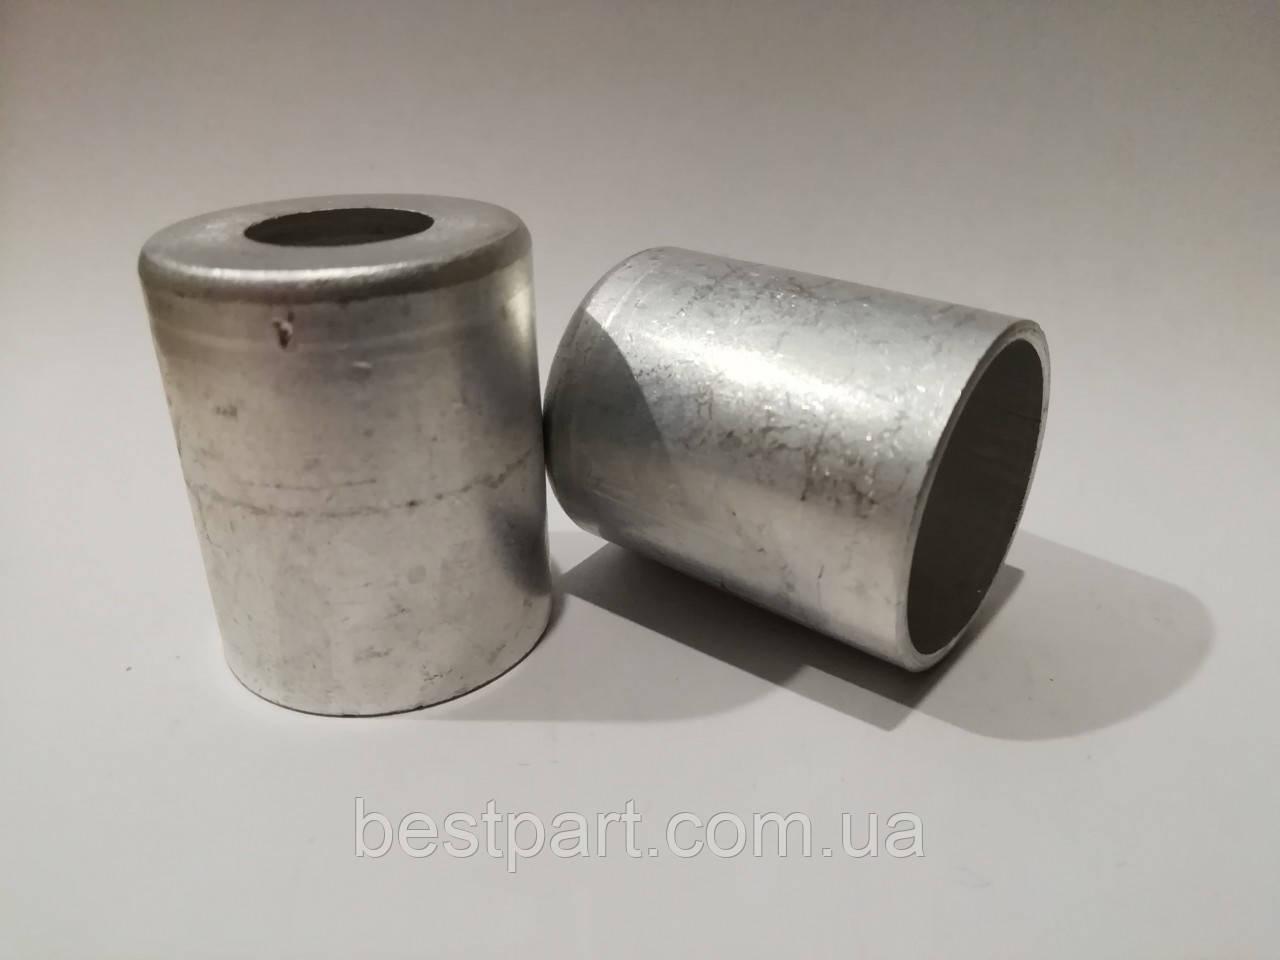 Стакан фітінга №10 алюміній (тонкостінний)